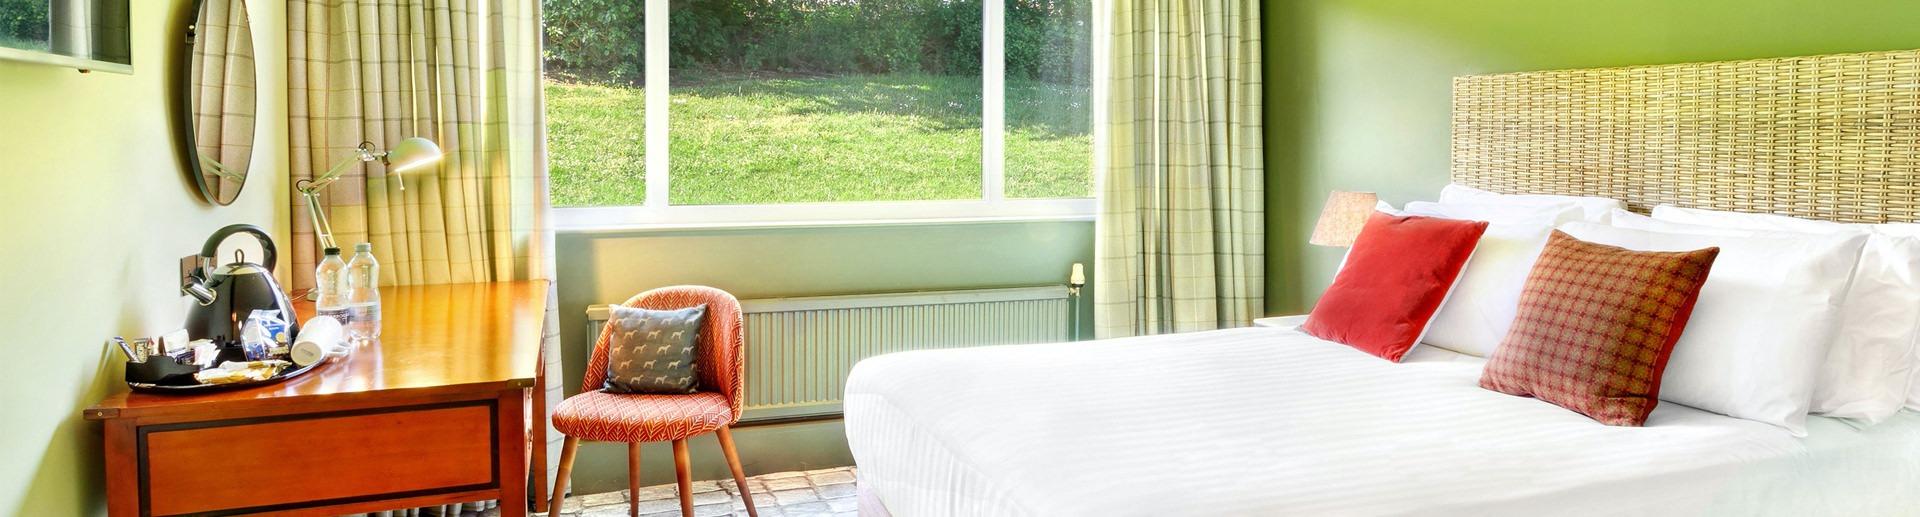 Huddersfield themed bedroom